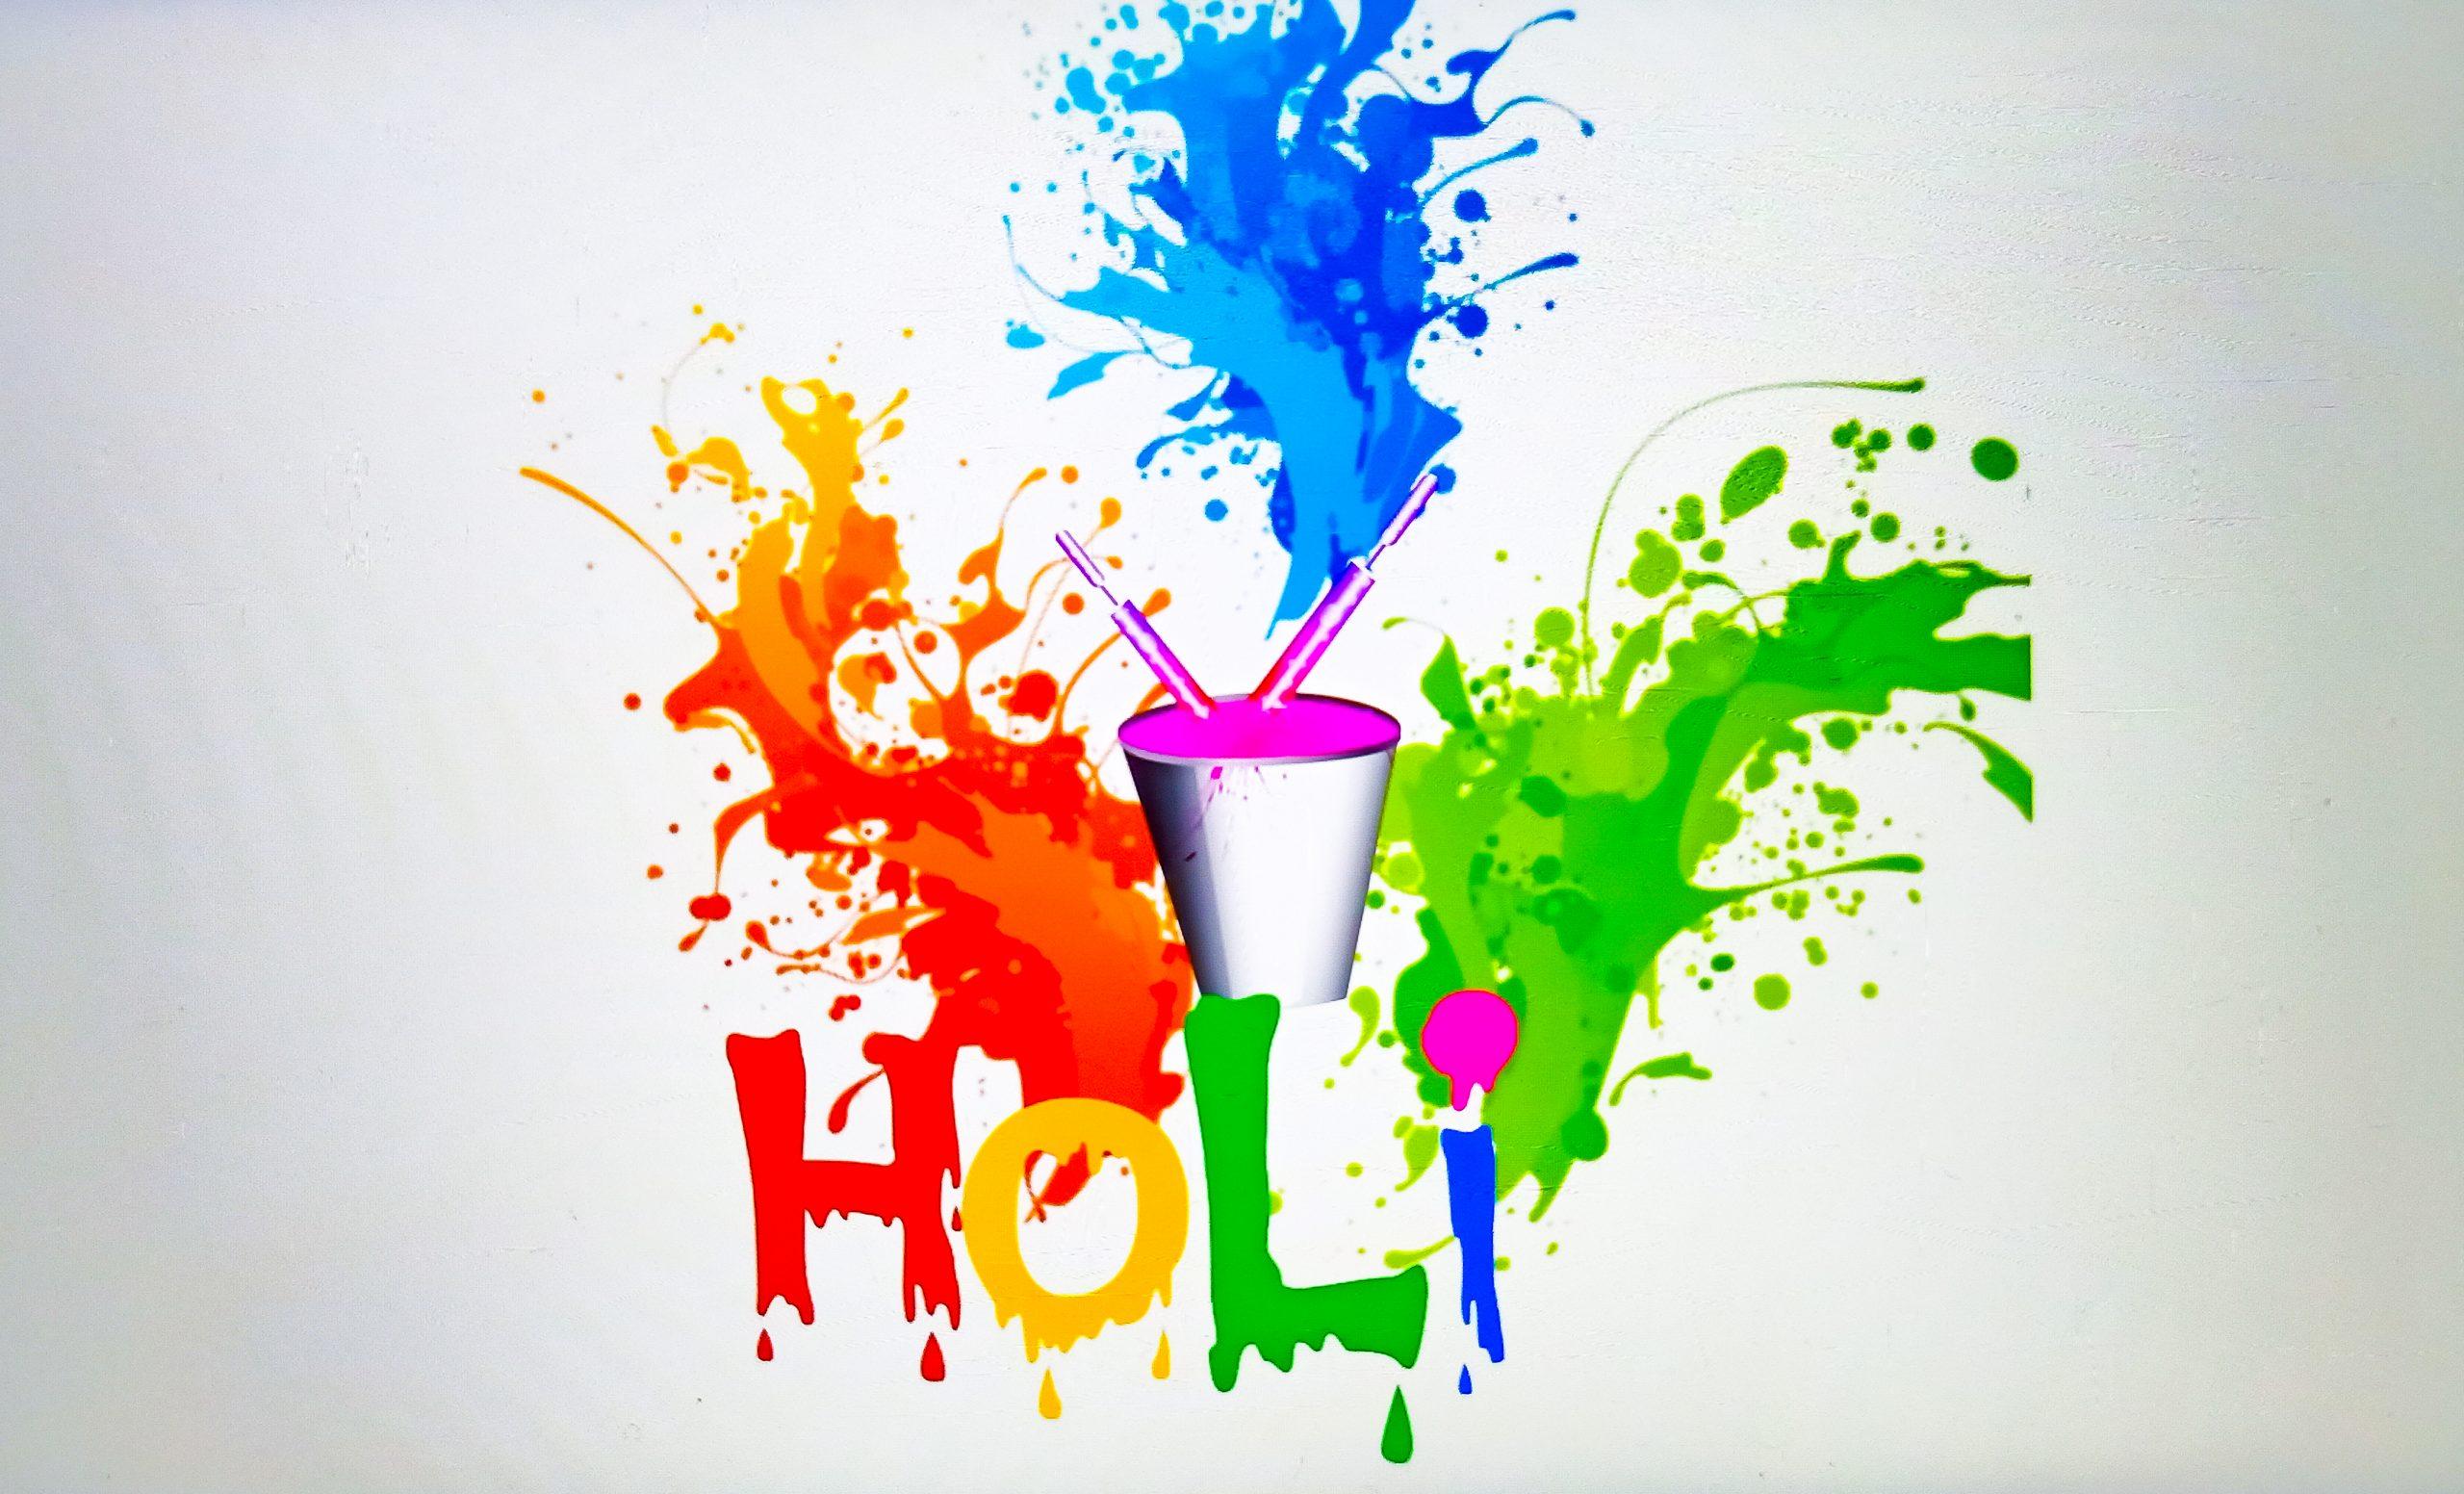 Holi illustration